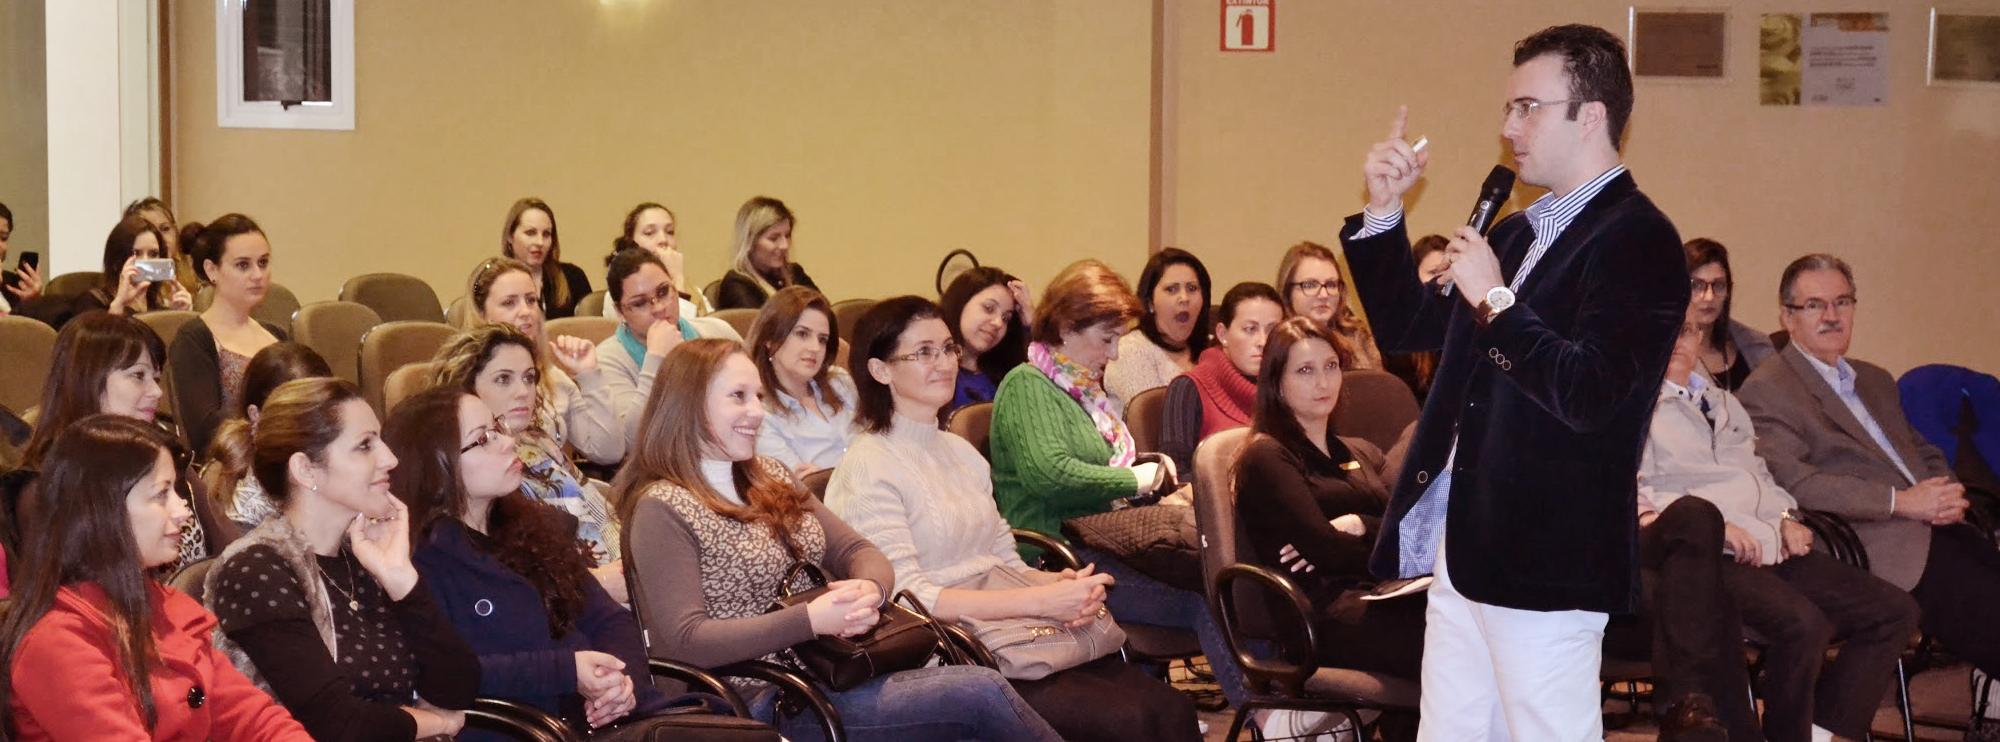 Palestra LoveBack reuniu 82 secretárias no auditório do Hospital Unimed